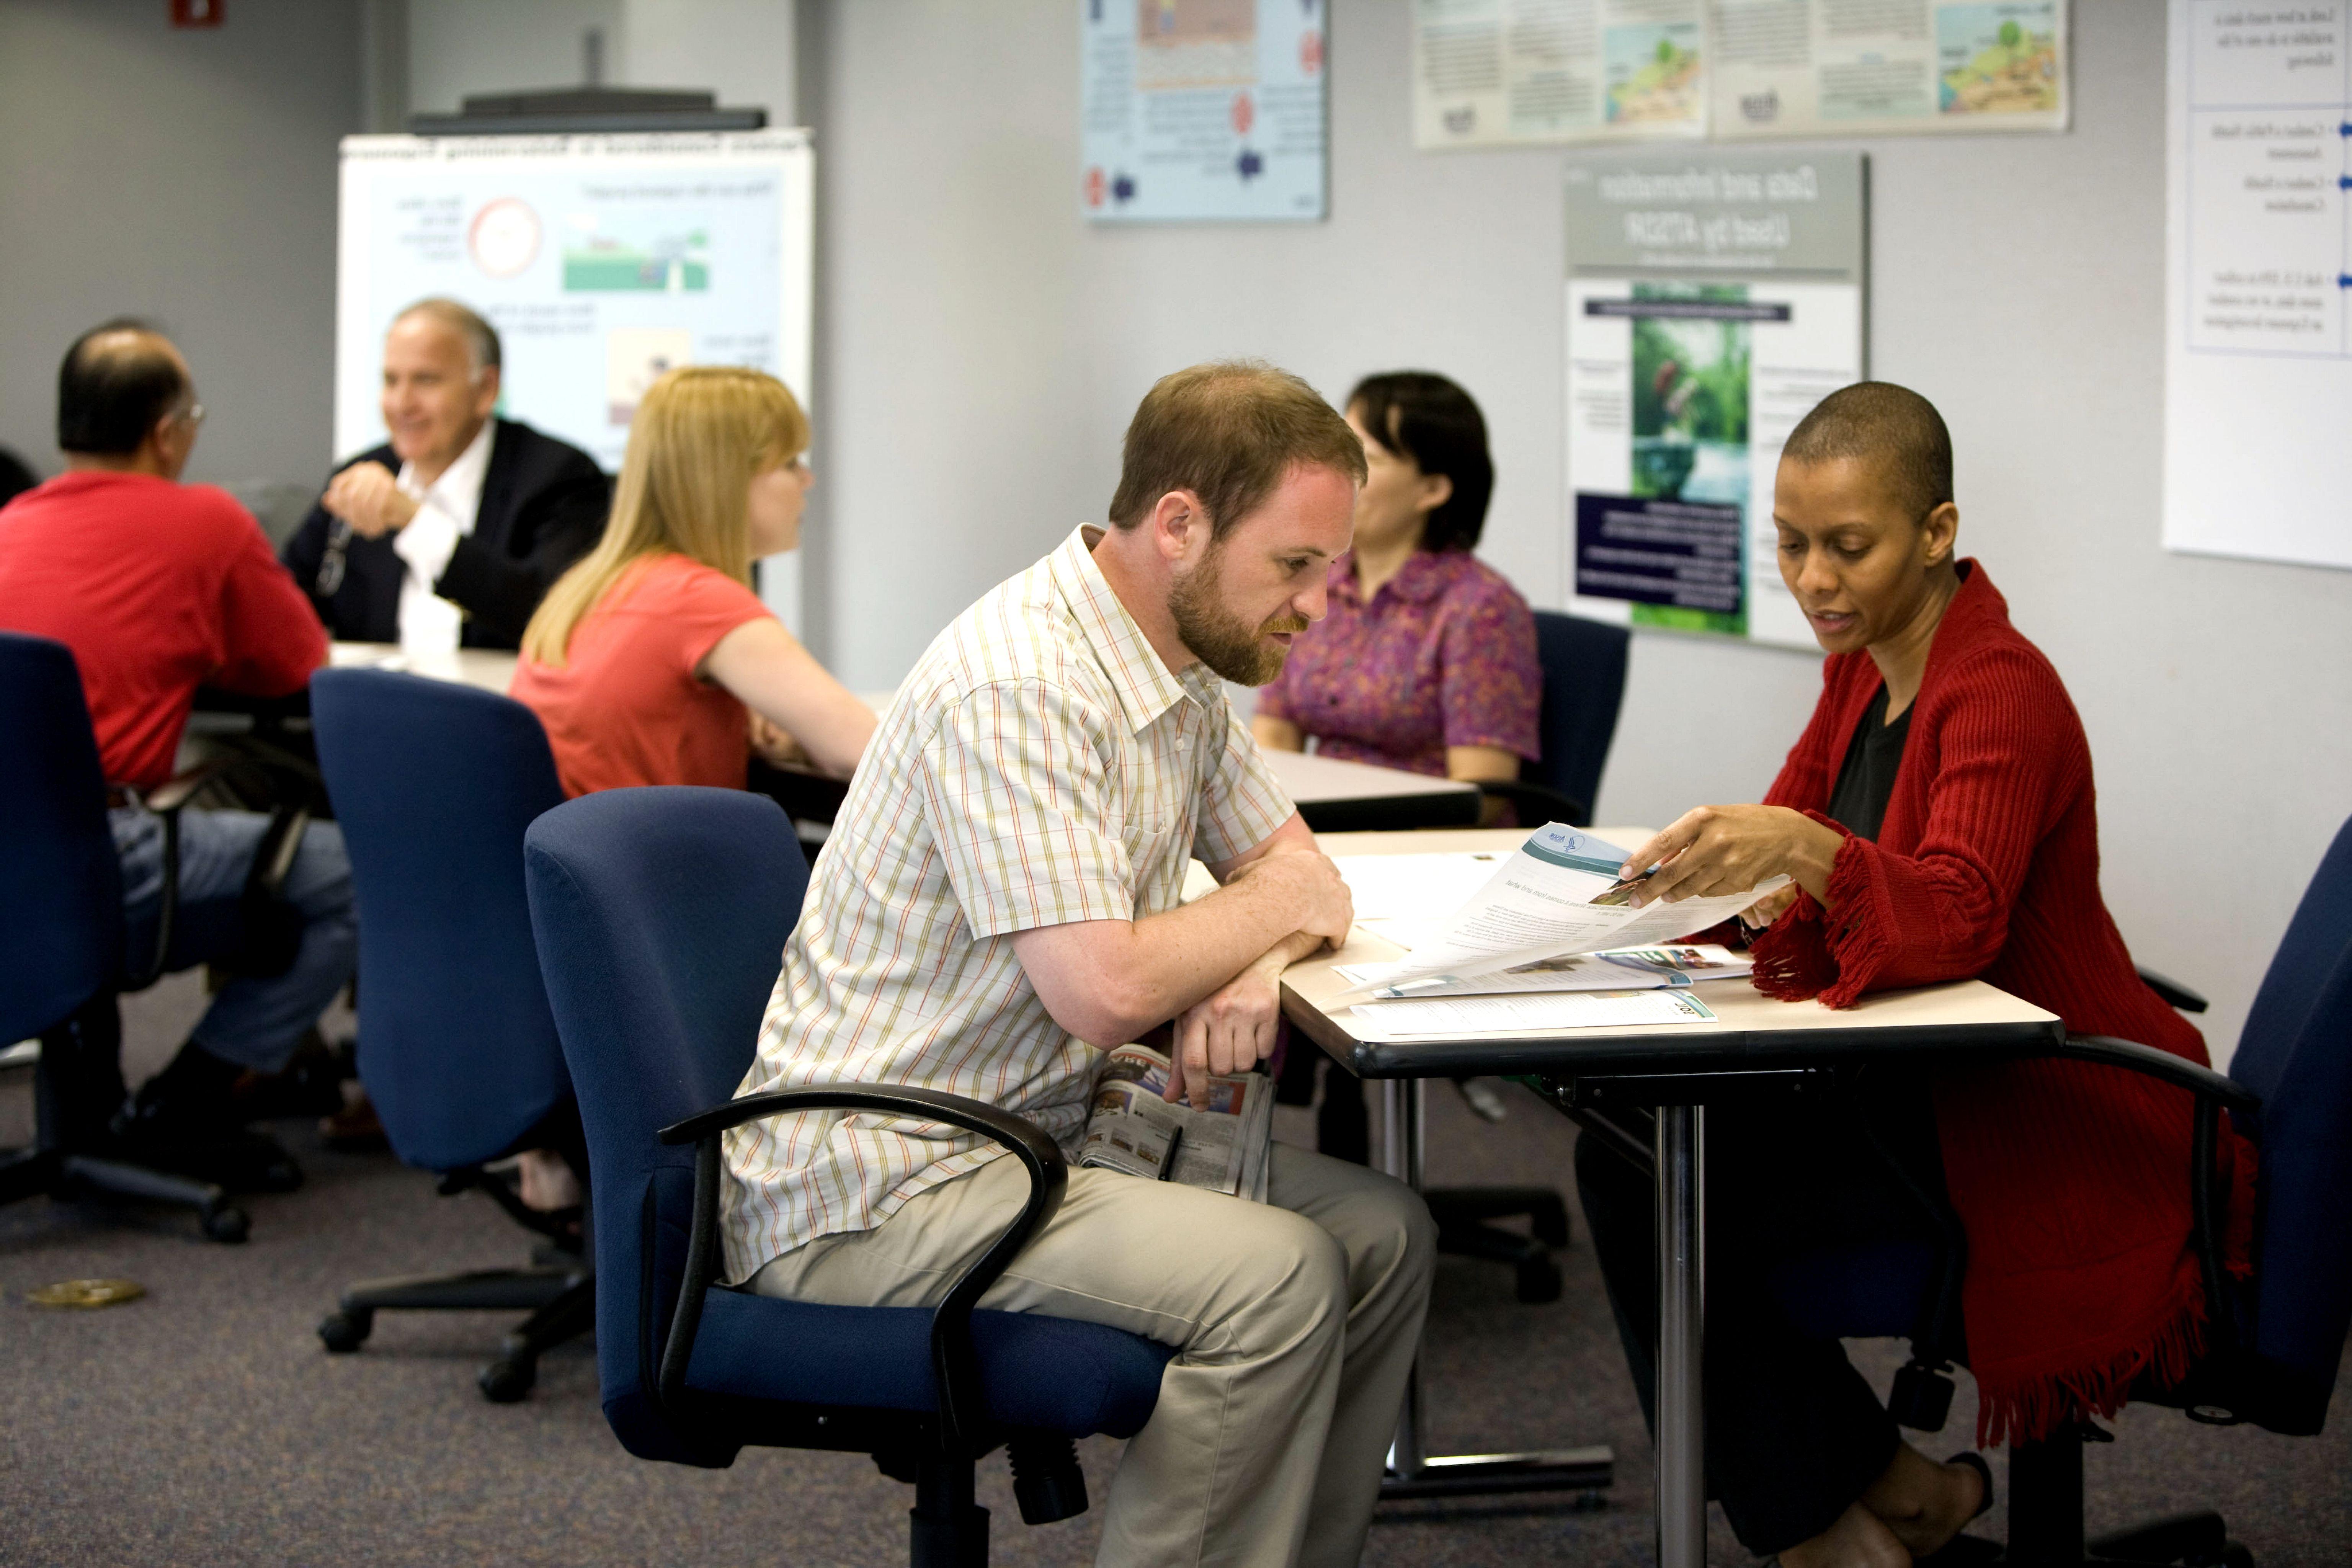 Foto Lavoro Ufficio : Lo stress da lavoro colpisce di più chi svolge la propria attività